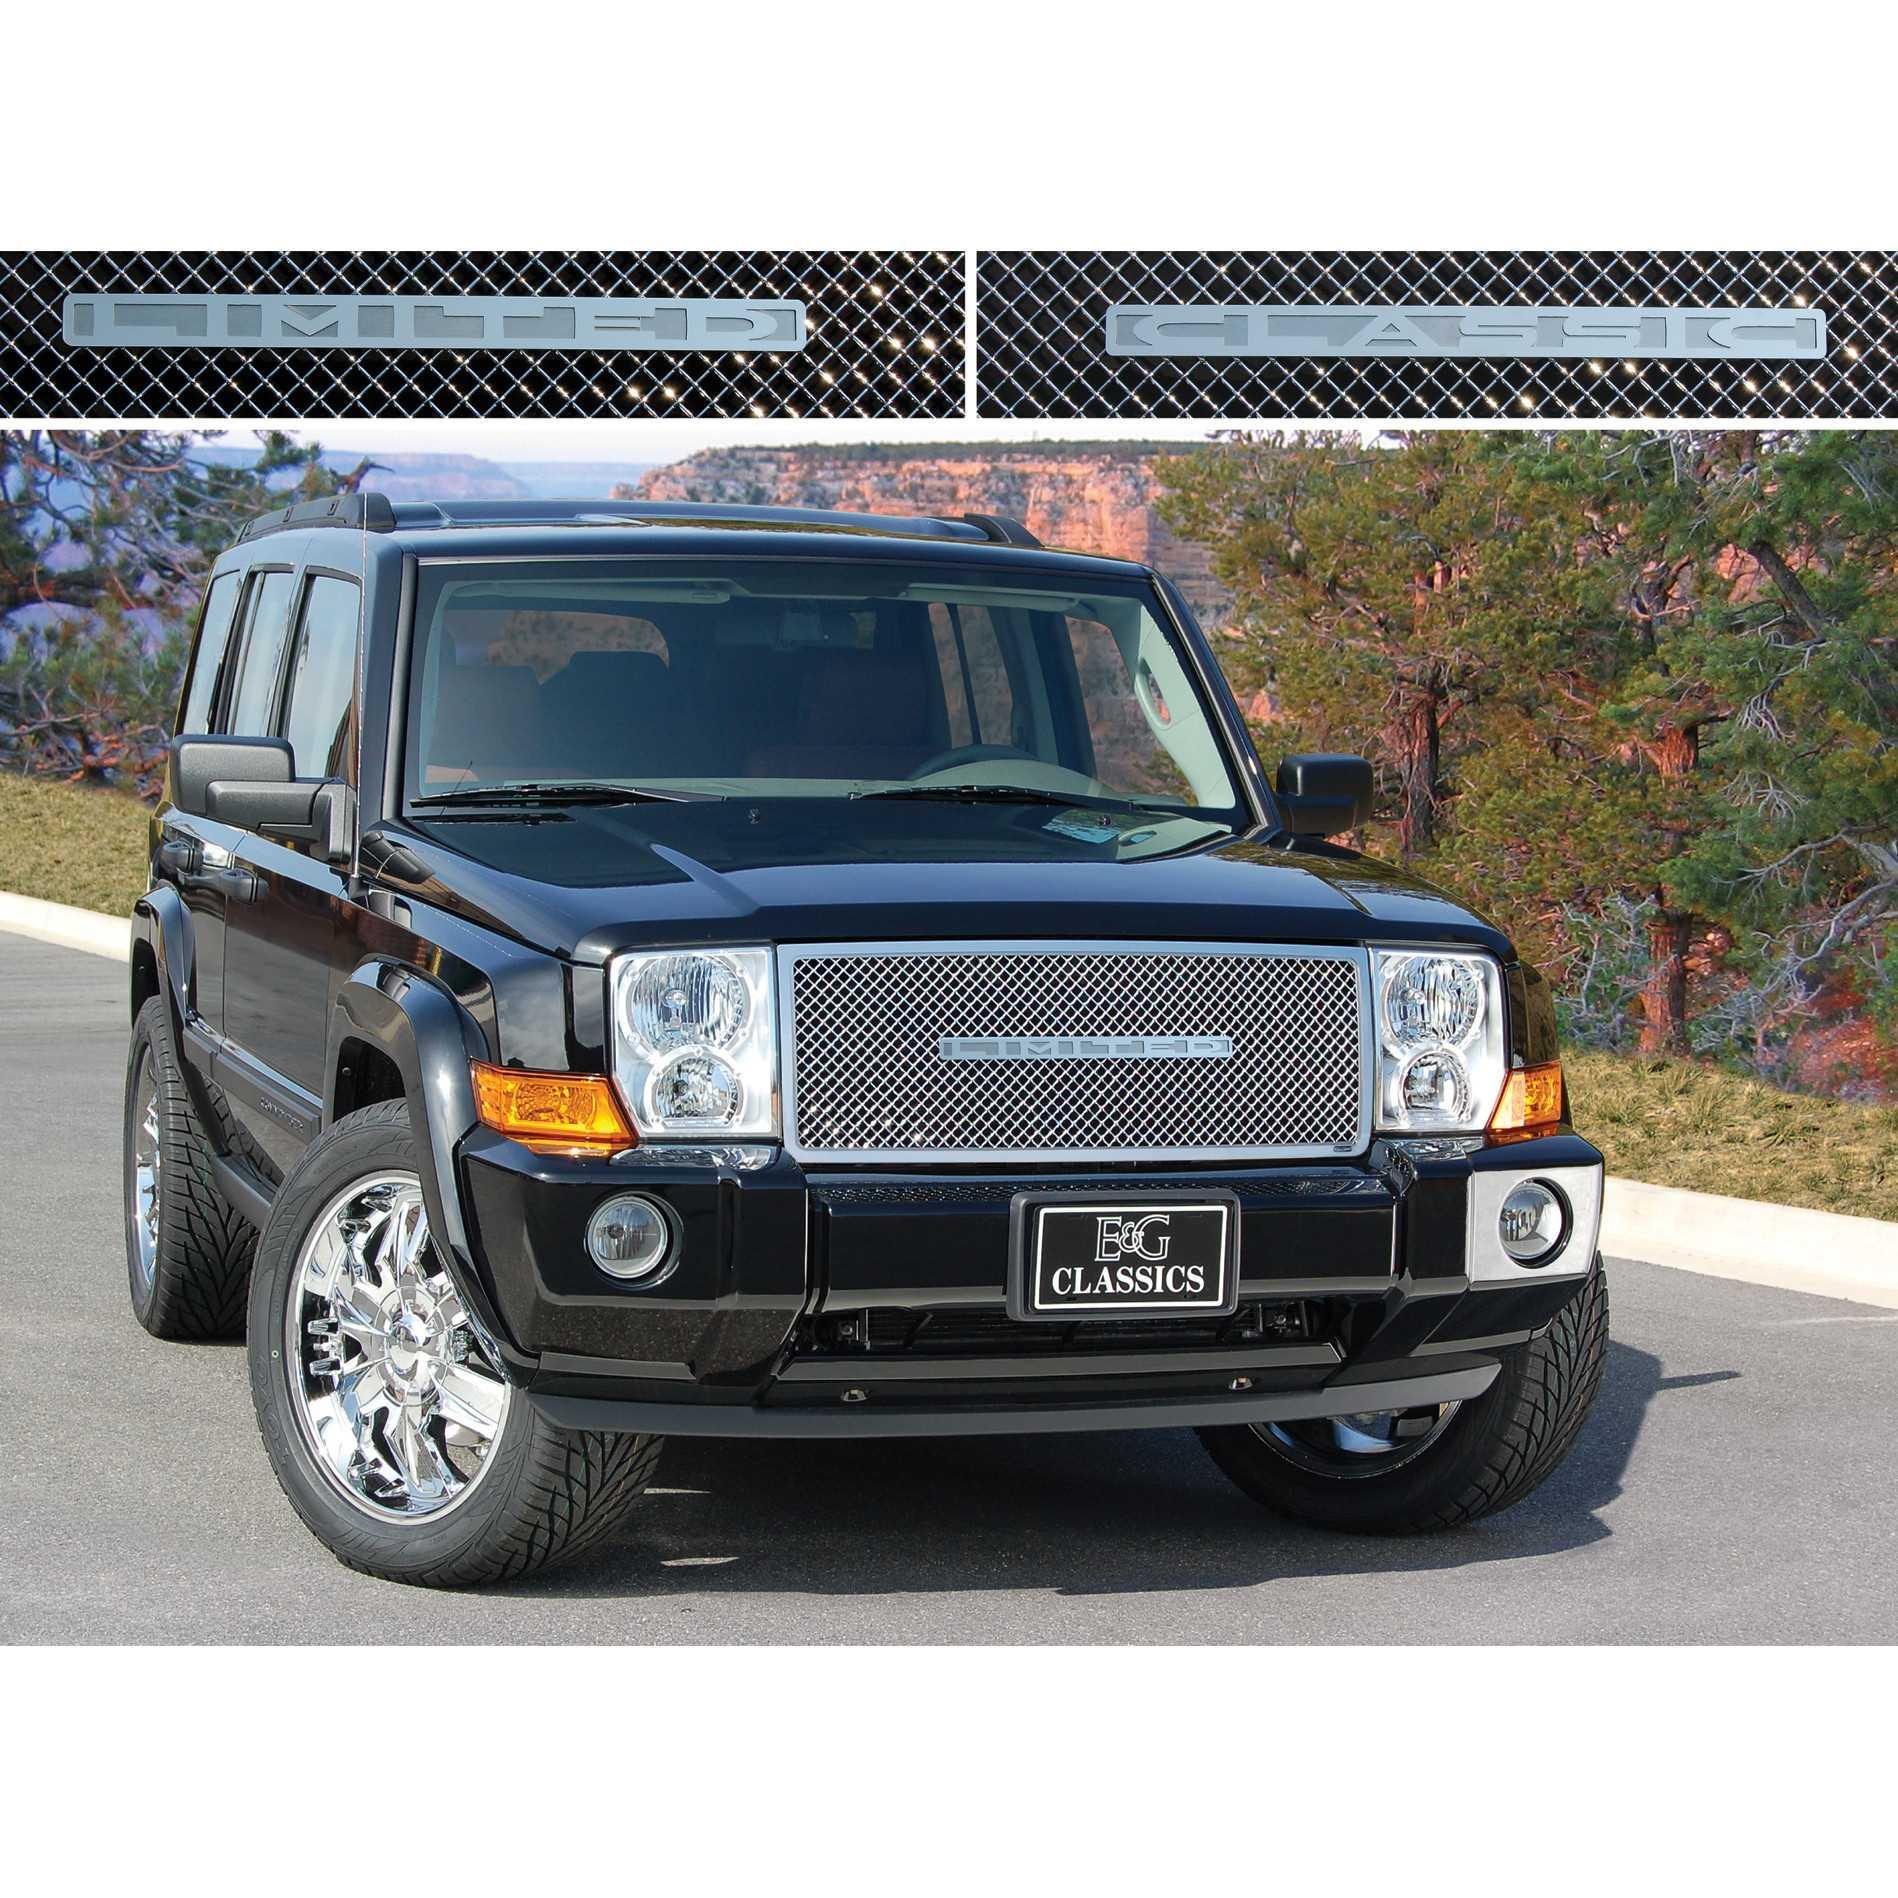 e\u0026g classics 2006 2010 jeep commander grille heavy mesh grille uppere\u0026g classics 2006 2010 jeep commander grille heavy mesh grille upper only 1362 0104 06